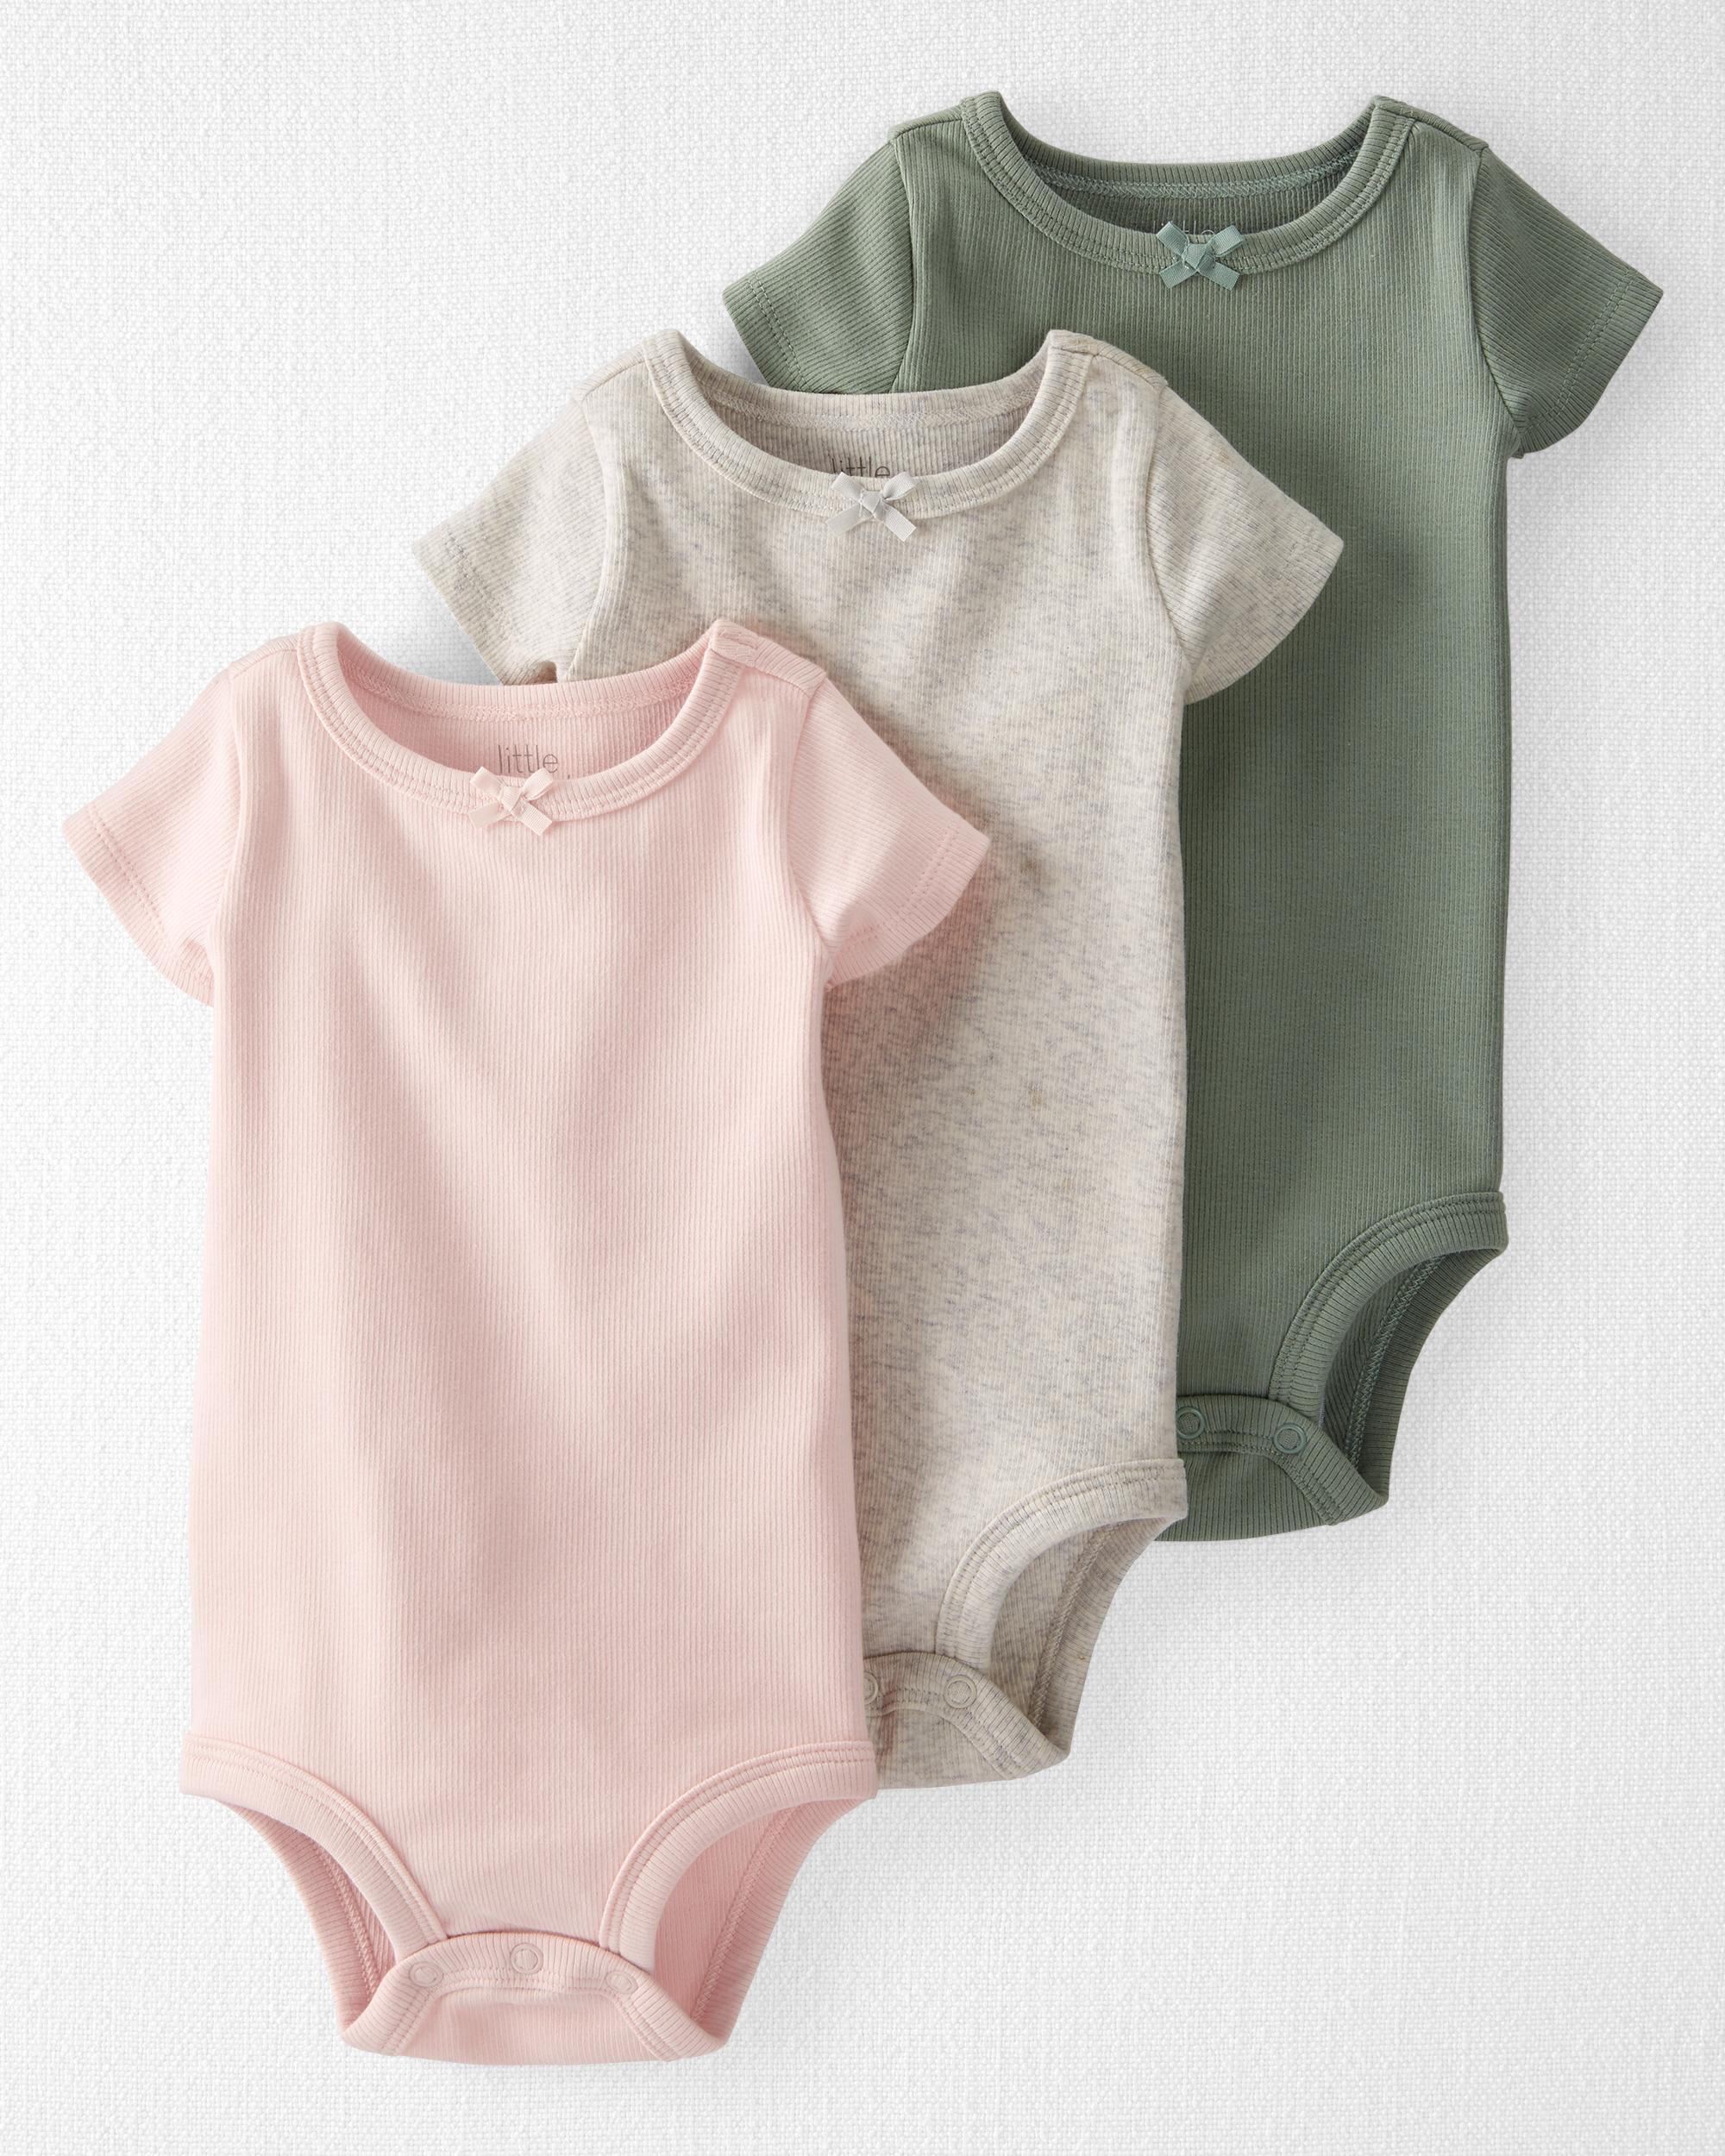 Oshkoshbgosh 3-Pack Organic Cotton Rib Bodysuits